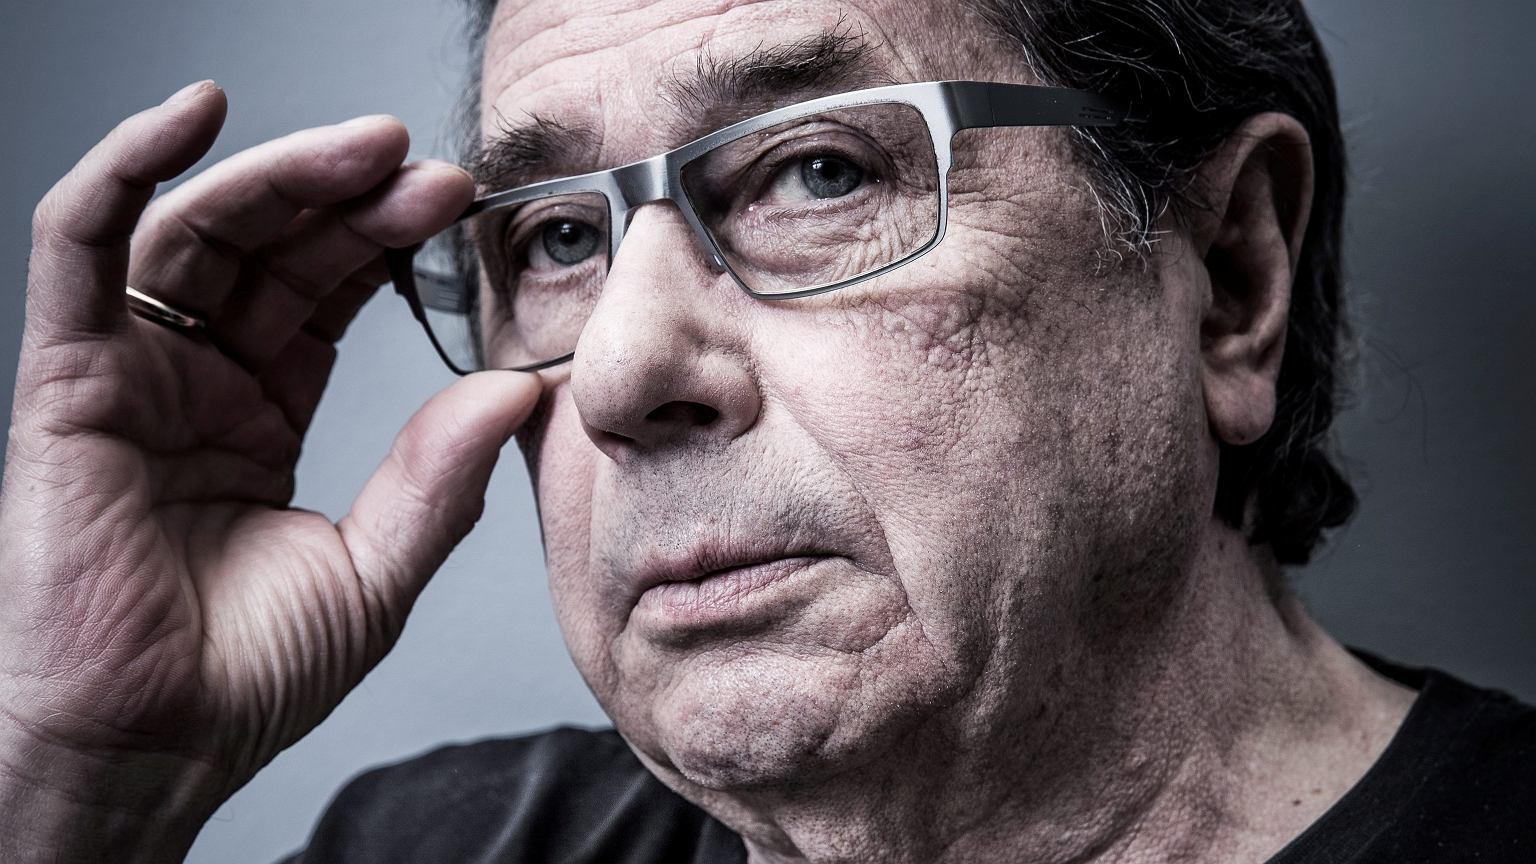 Janusz Gajos o władzy i wyborach: Zmusza ludzi, żeby wzięli na siebie ryzyko zachorowania. To obrzydliwe